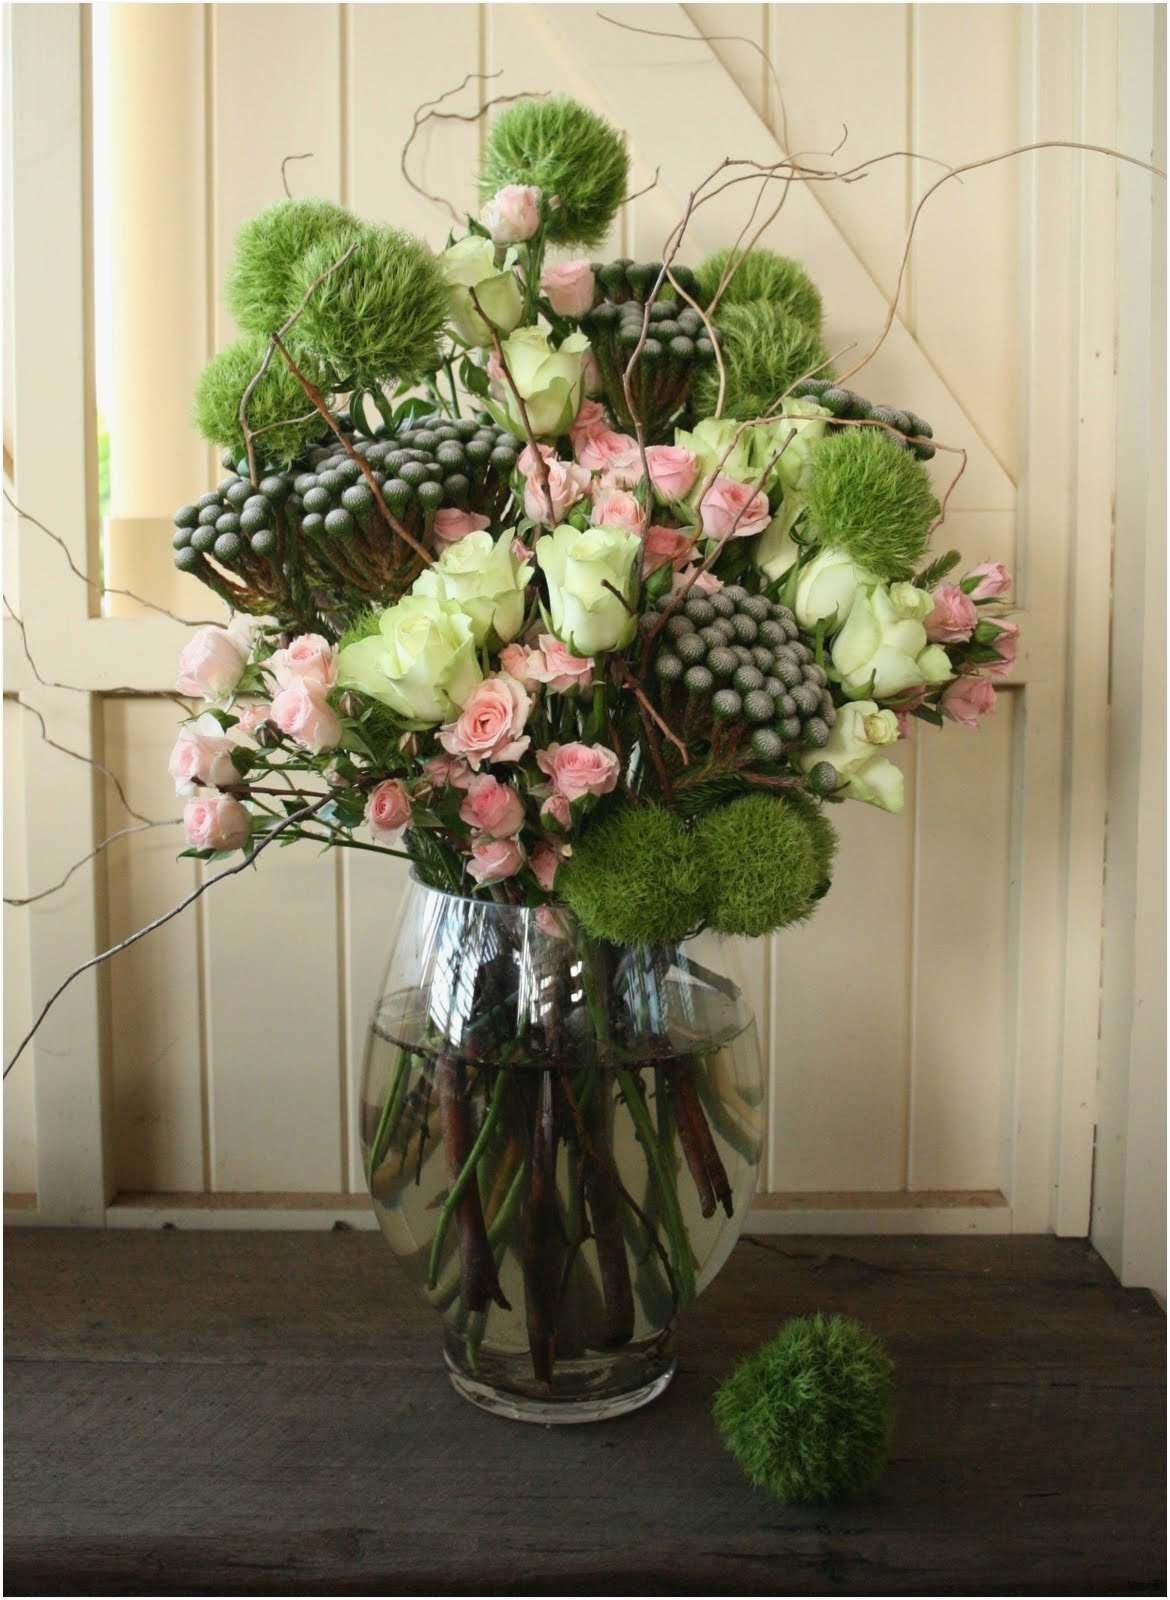 Headstone Vase Flower Arrangements Of 28 Contemporary Silk Bouquets Minimalist Best Wedding Bridal within Silk Bouquets Model Silk Flower Bouquets Imposing H Vases Vase Flower Arrangements I 0d Contemporary